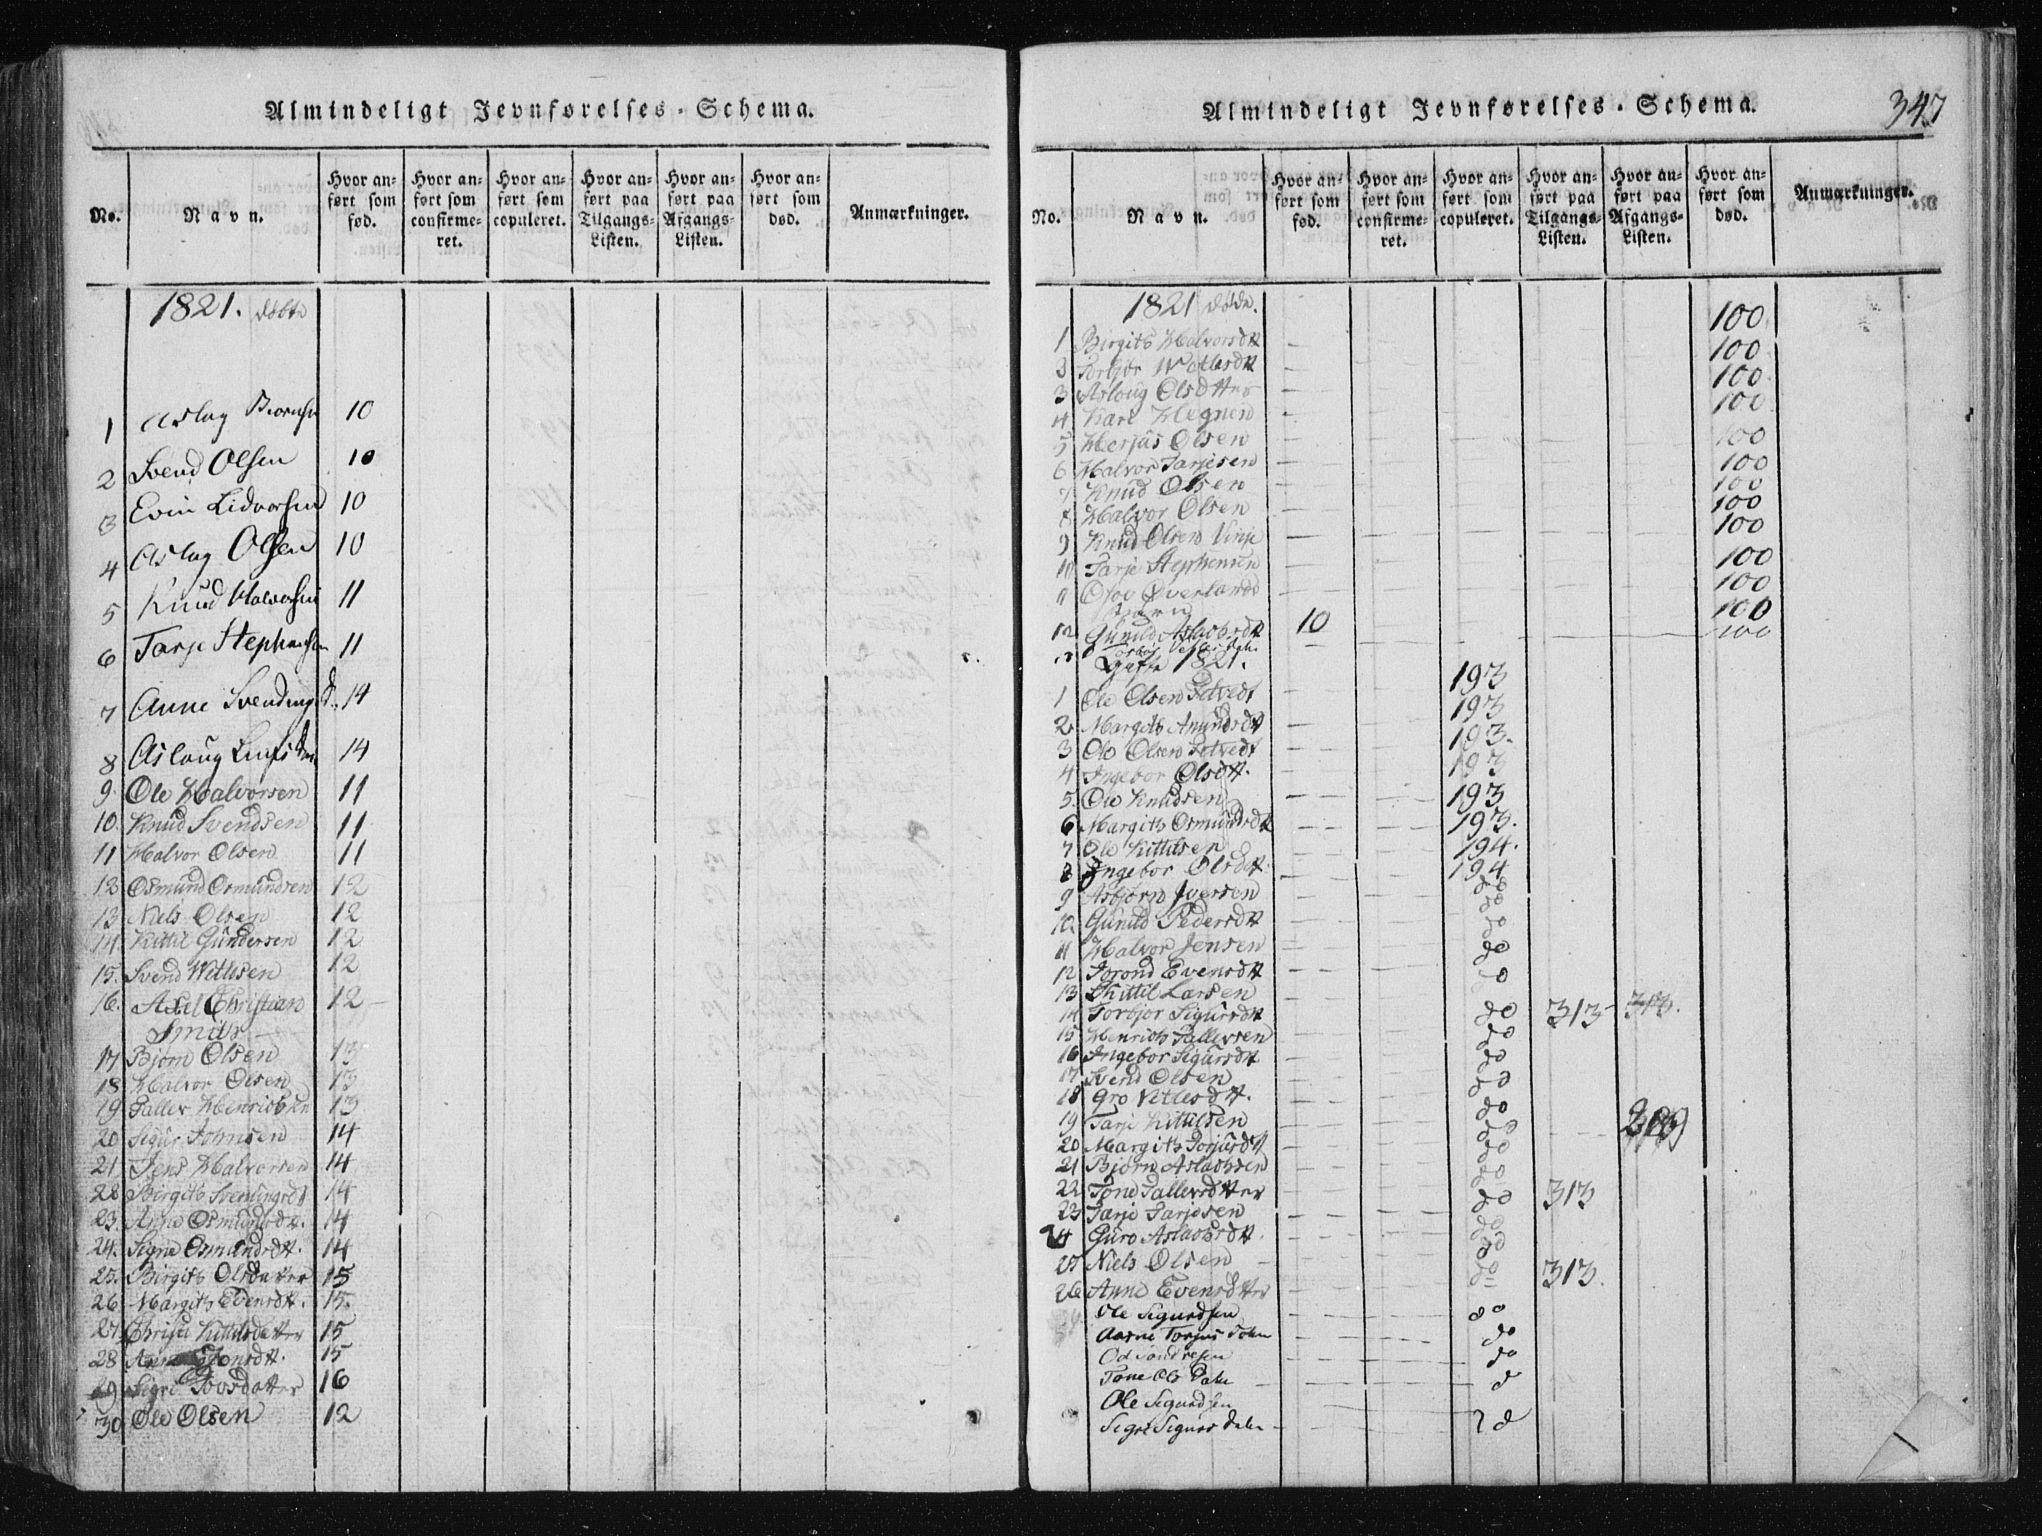 SAKO, Vinje kirkebøker, F/Fa/L0003: Ministerialbok nr. I 3, 1814-1843, s. 347